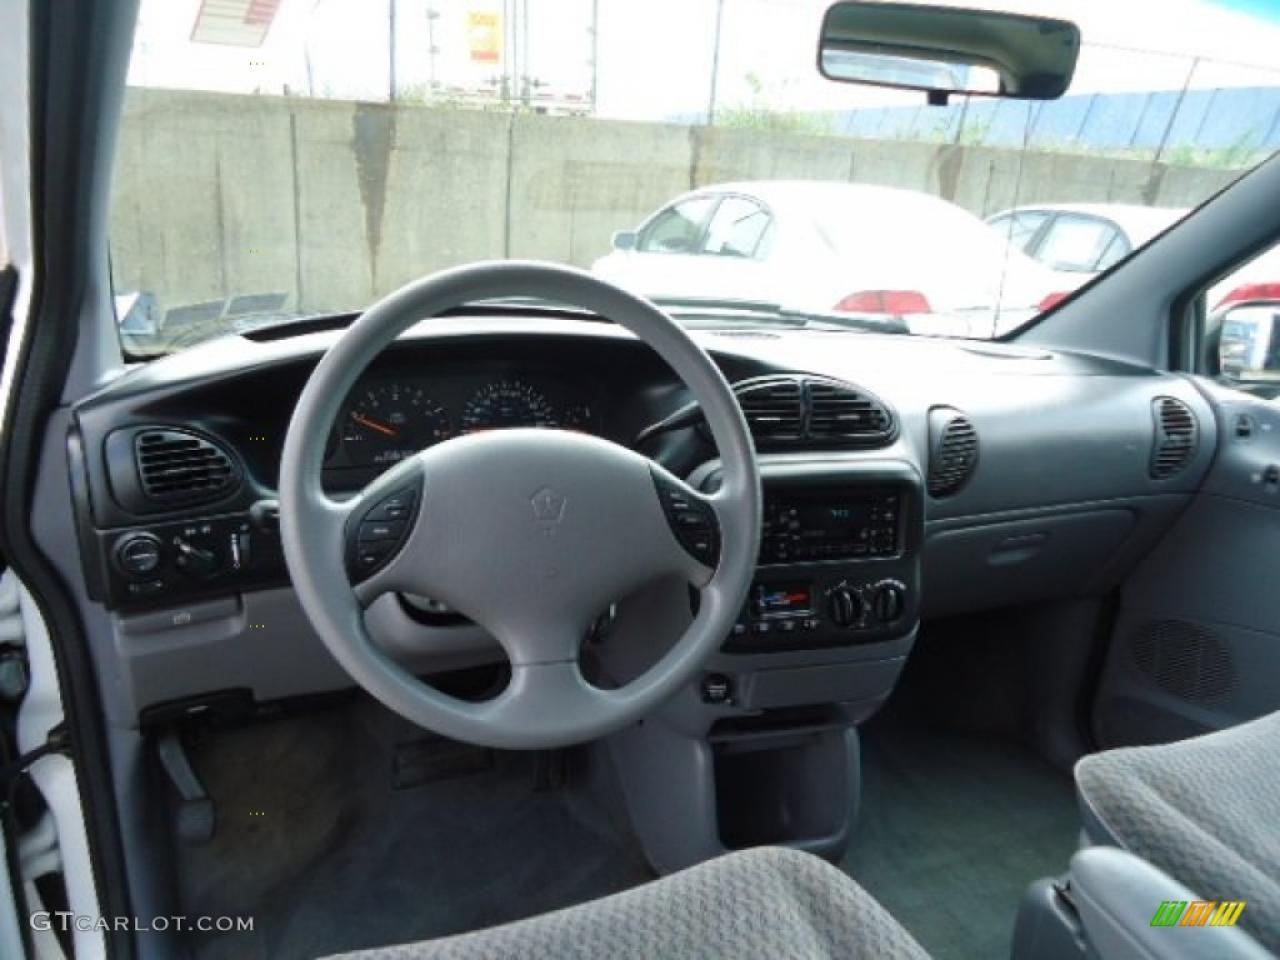 Dodge dodge 1999 caravan : 1999 Dodge Grand Caravan - Information and photos - ZombieDrive